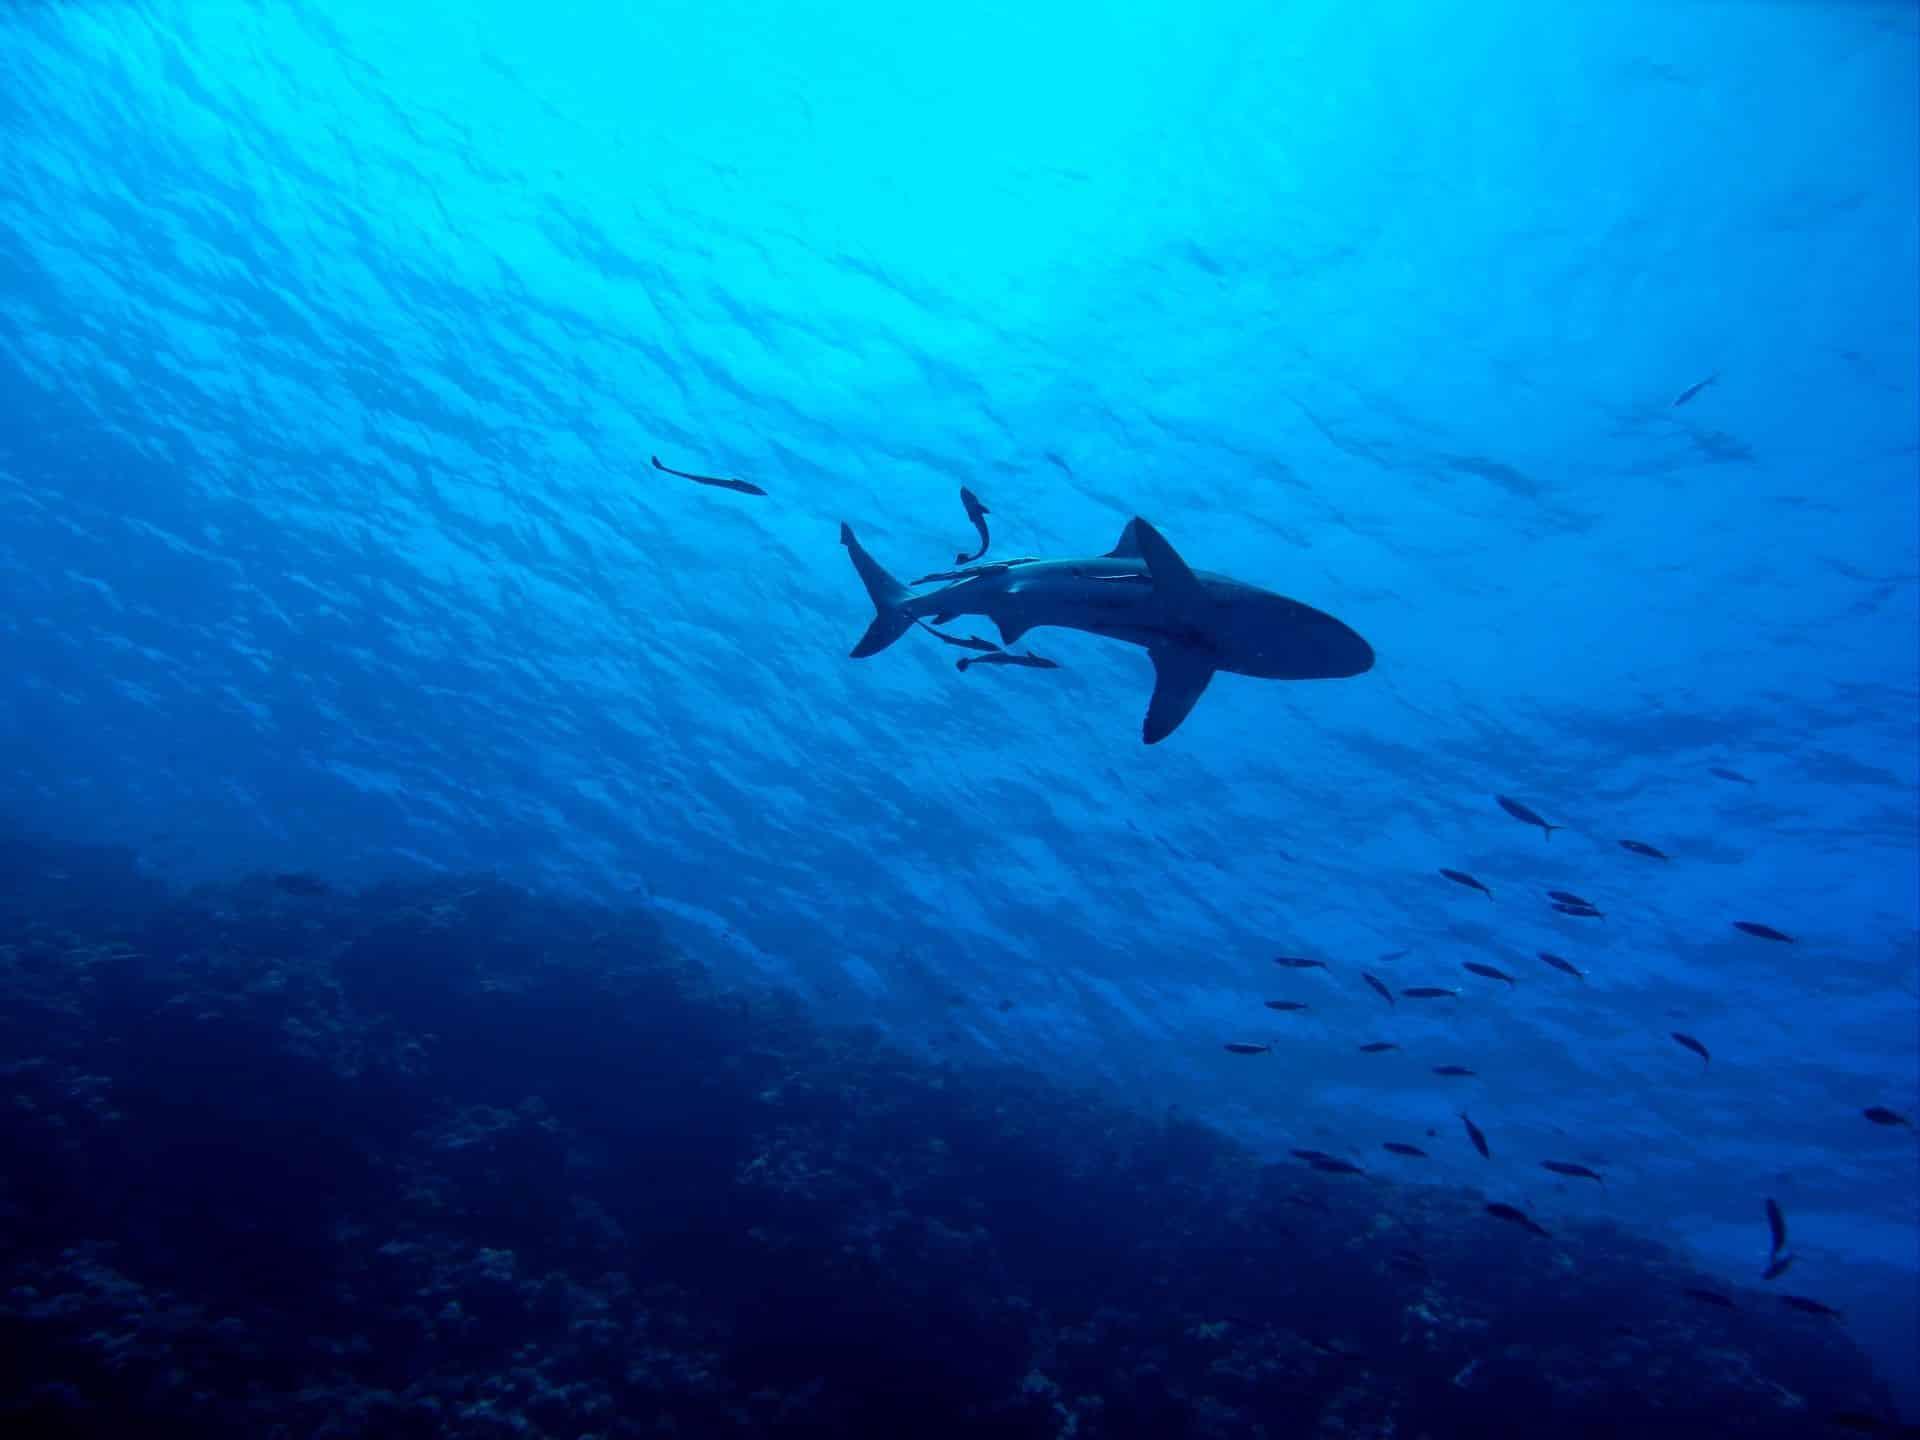 Die Raubfische sind weltweit vom Aussterben bedroht – auf den Malediven kommen Haie noch relativ häufig vor! Foto: Pixabay